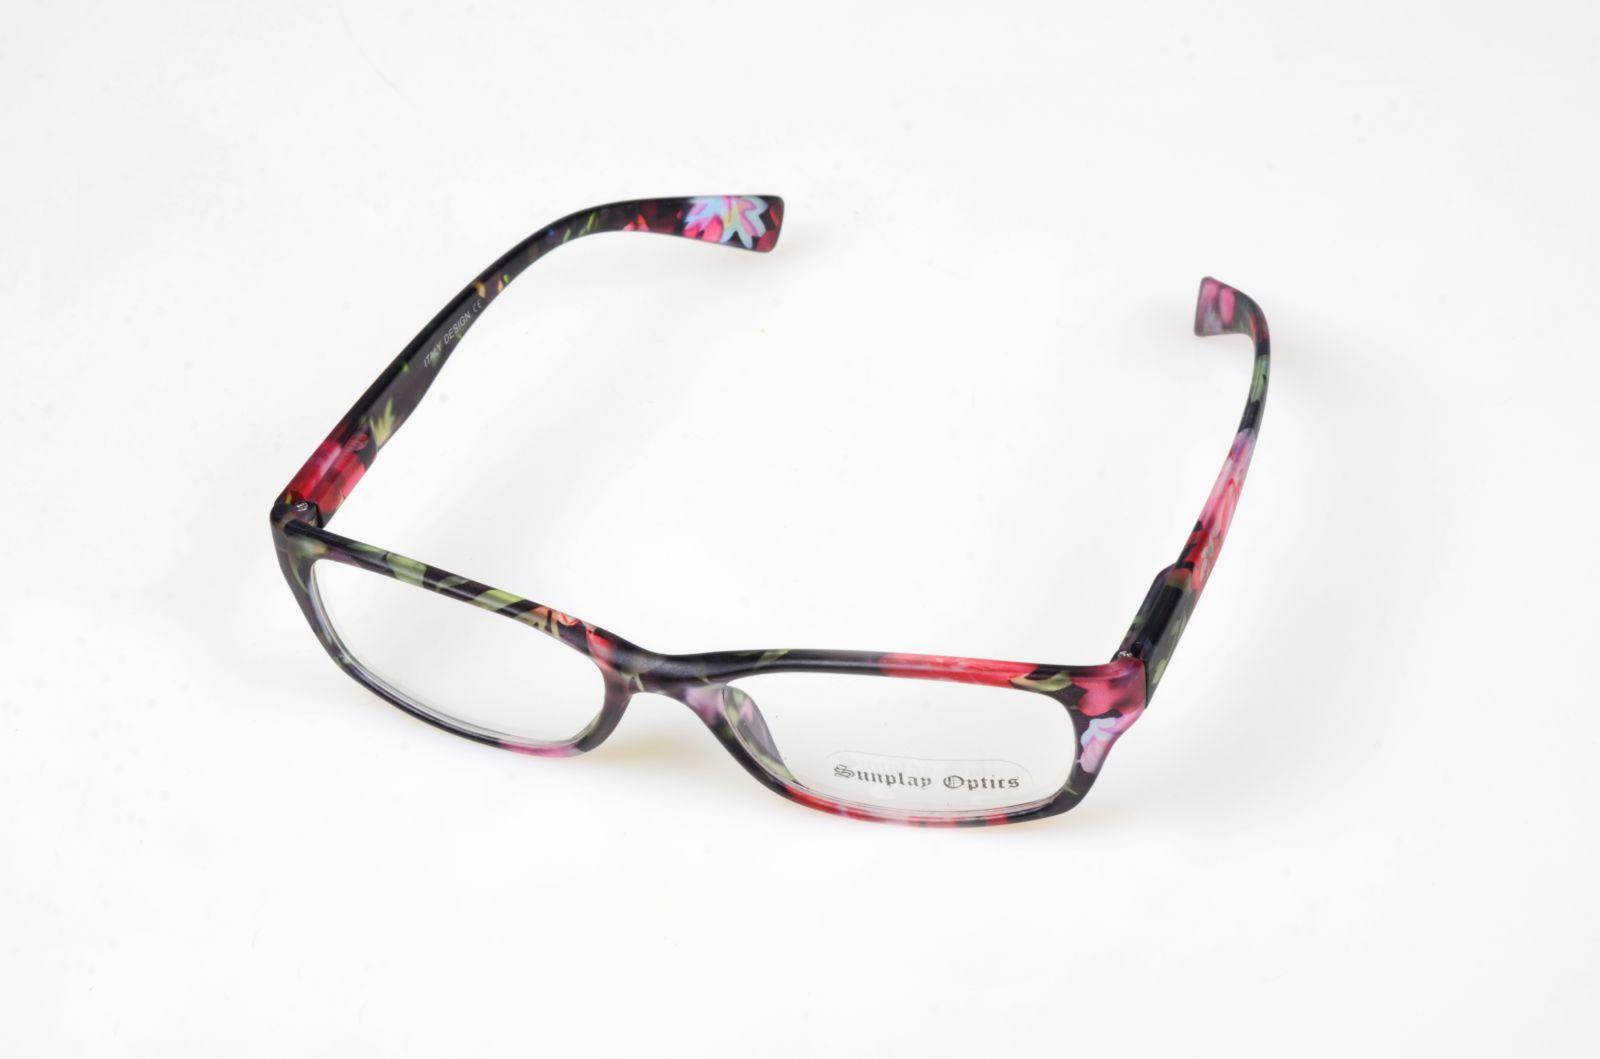 Obroučky dioptrických brýlí 11002